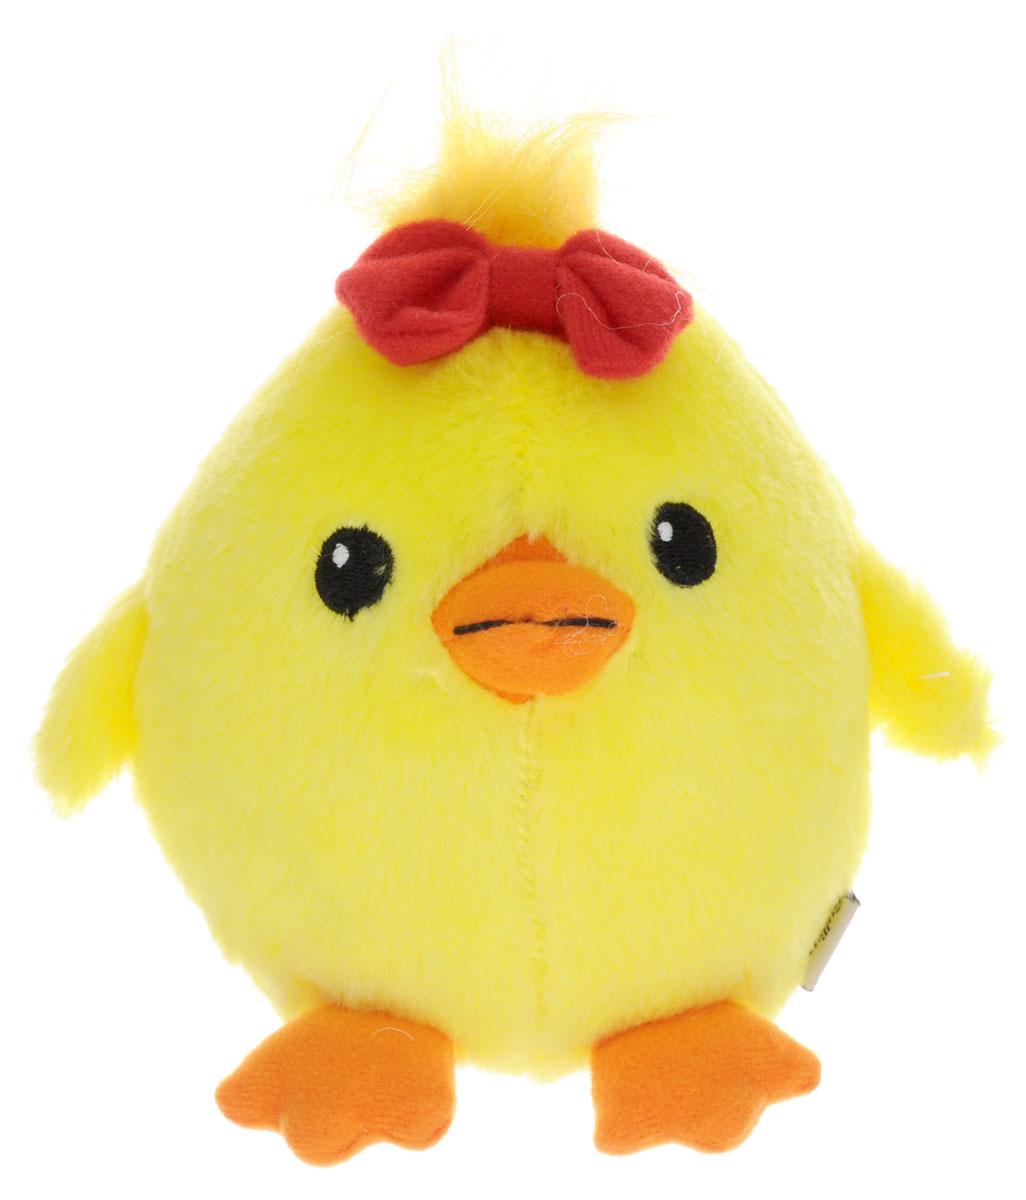 Gulliver Мягкая игрушка Цыпленок Солнышко с бантиком 12 см gulliver мягкая игрушка цыпленок солнышко в штанишках цвет желтый черный серый 12 см